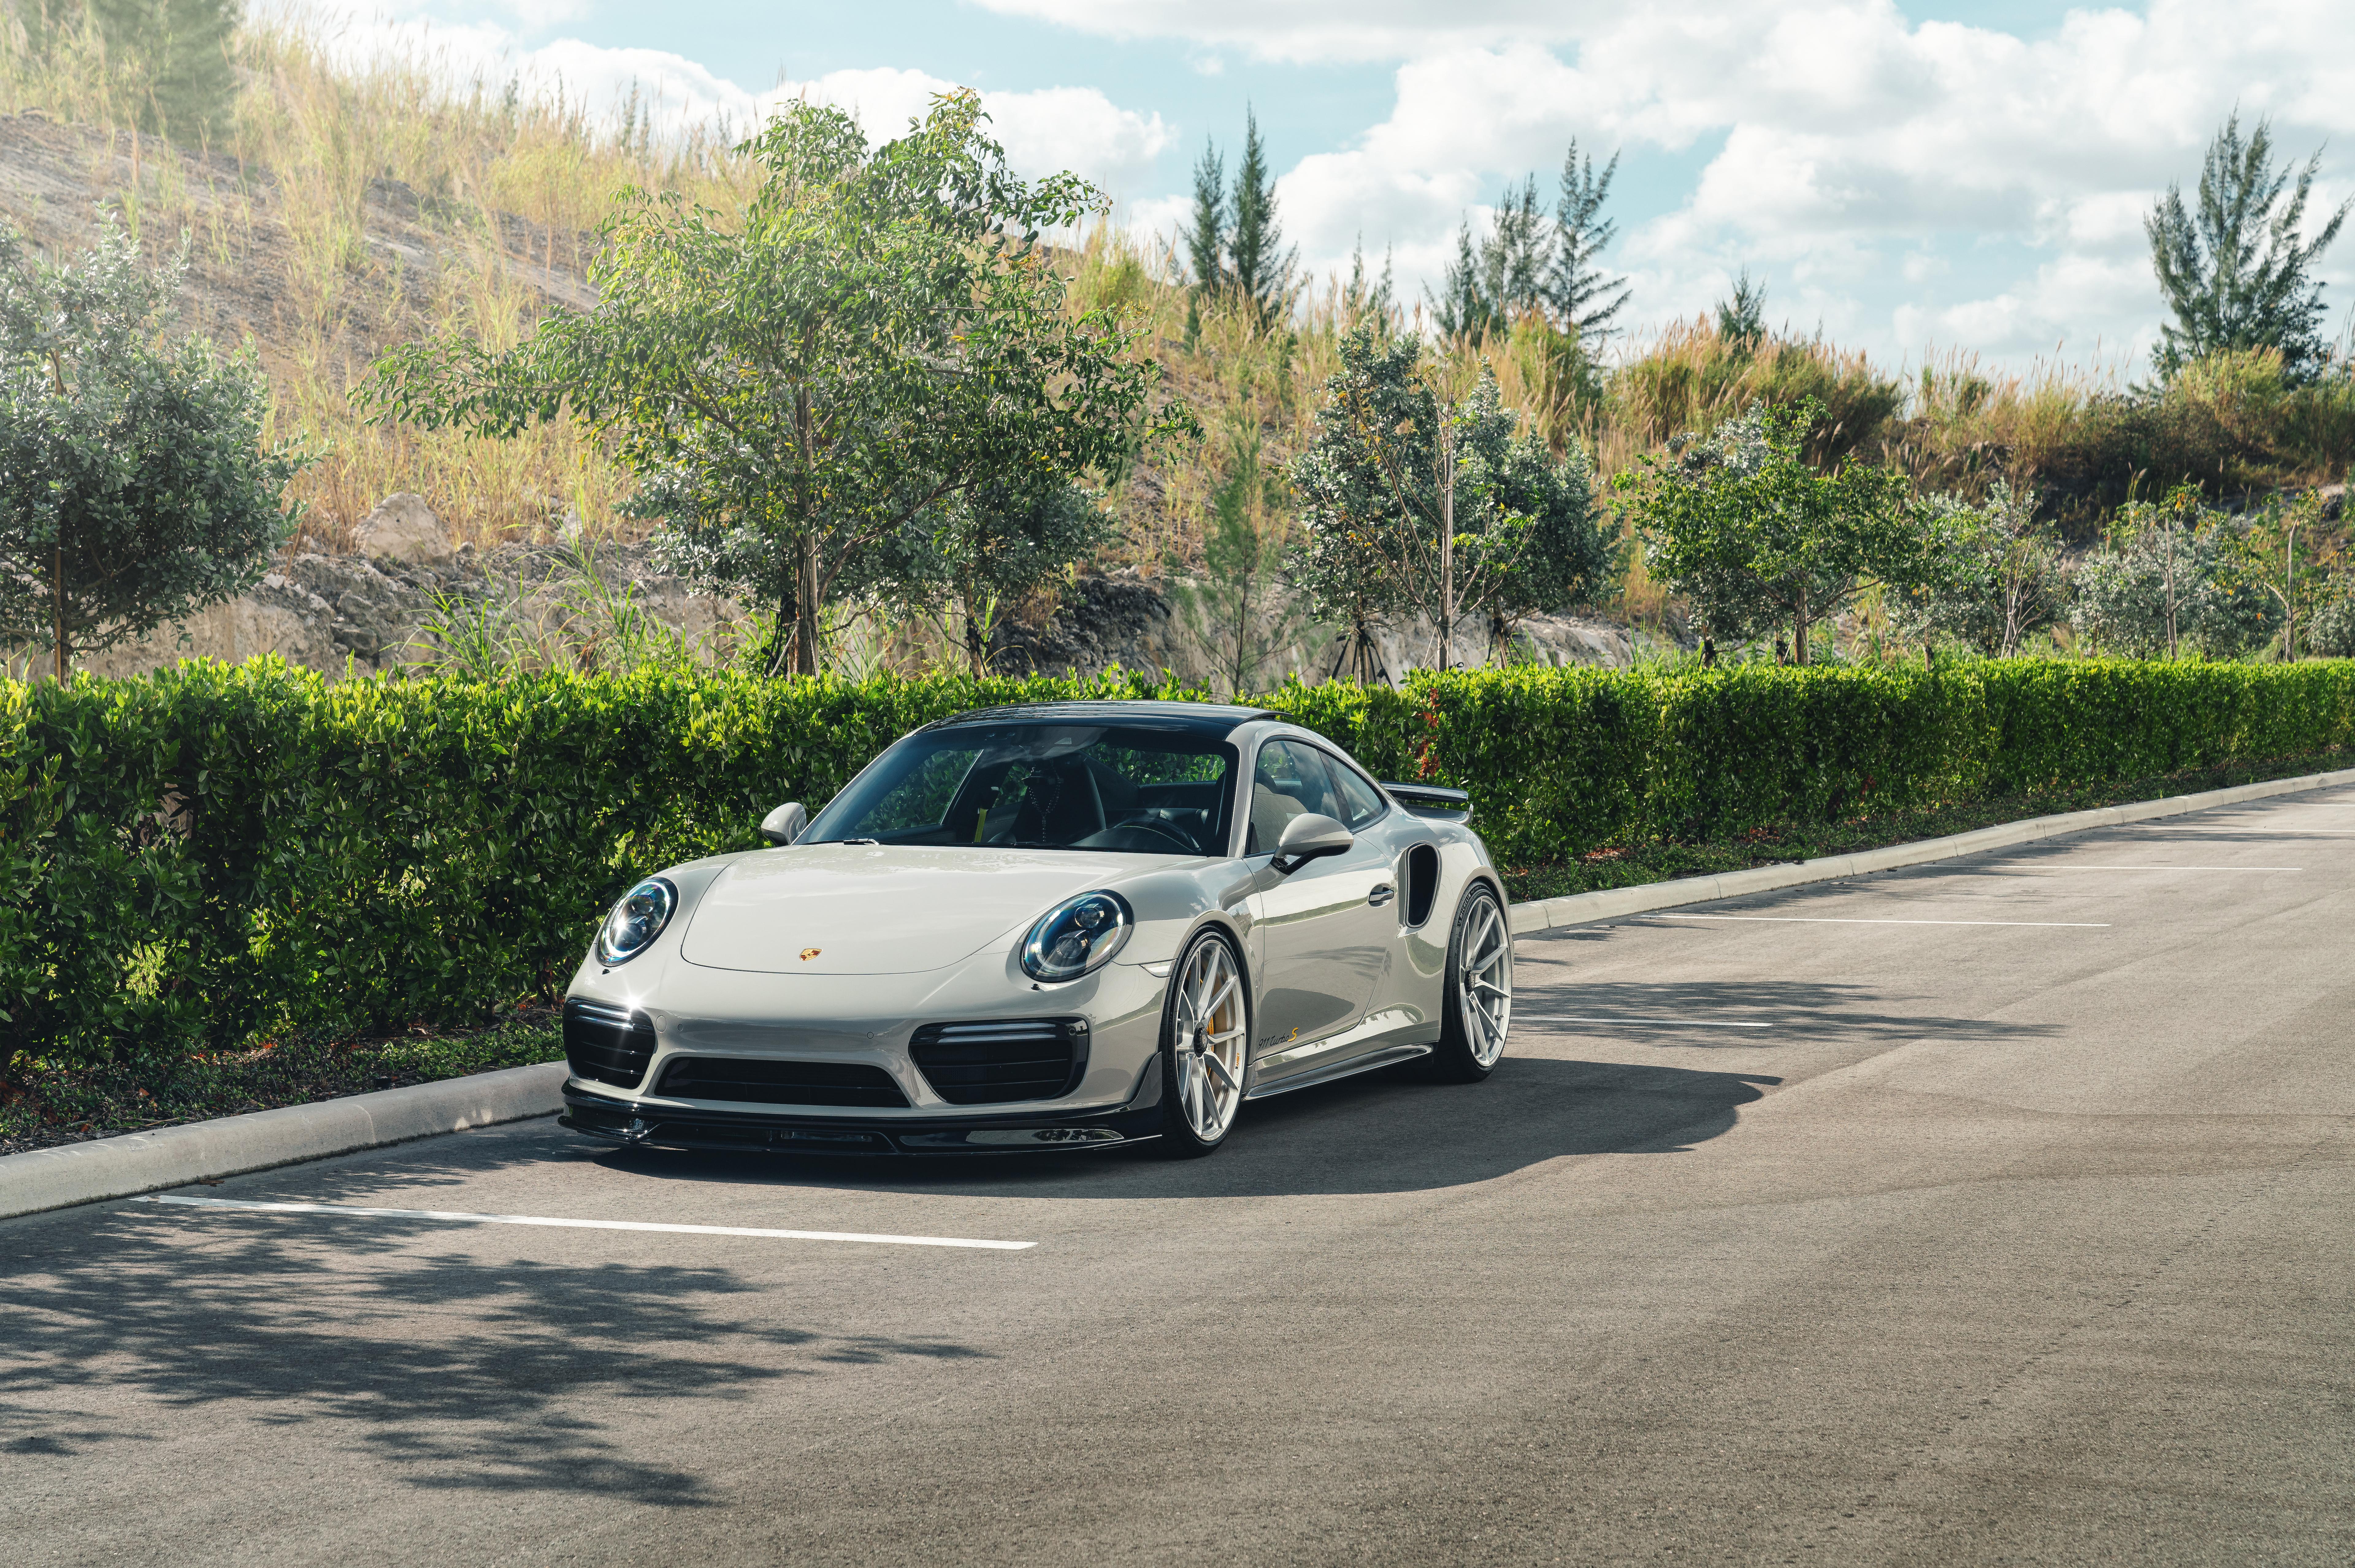 porsche 911 turbo s 4k 1620171871 - Porsche 911 Turbo S 4k - Porsche 911 Turbo S 4k wallpapers